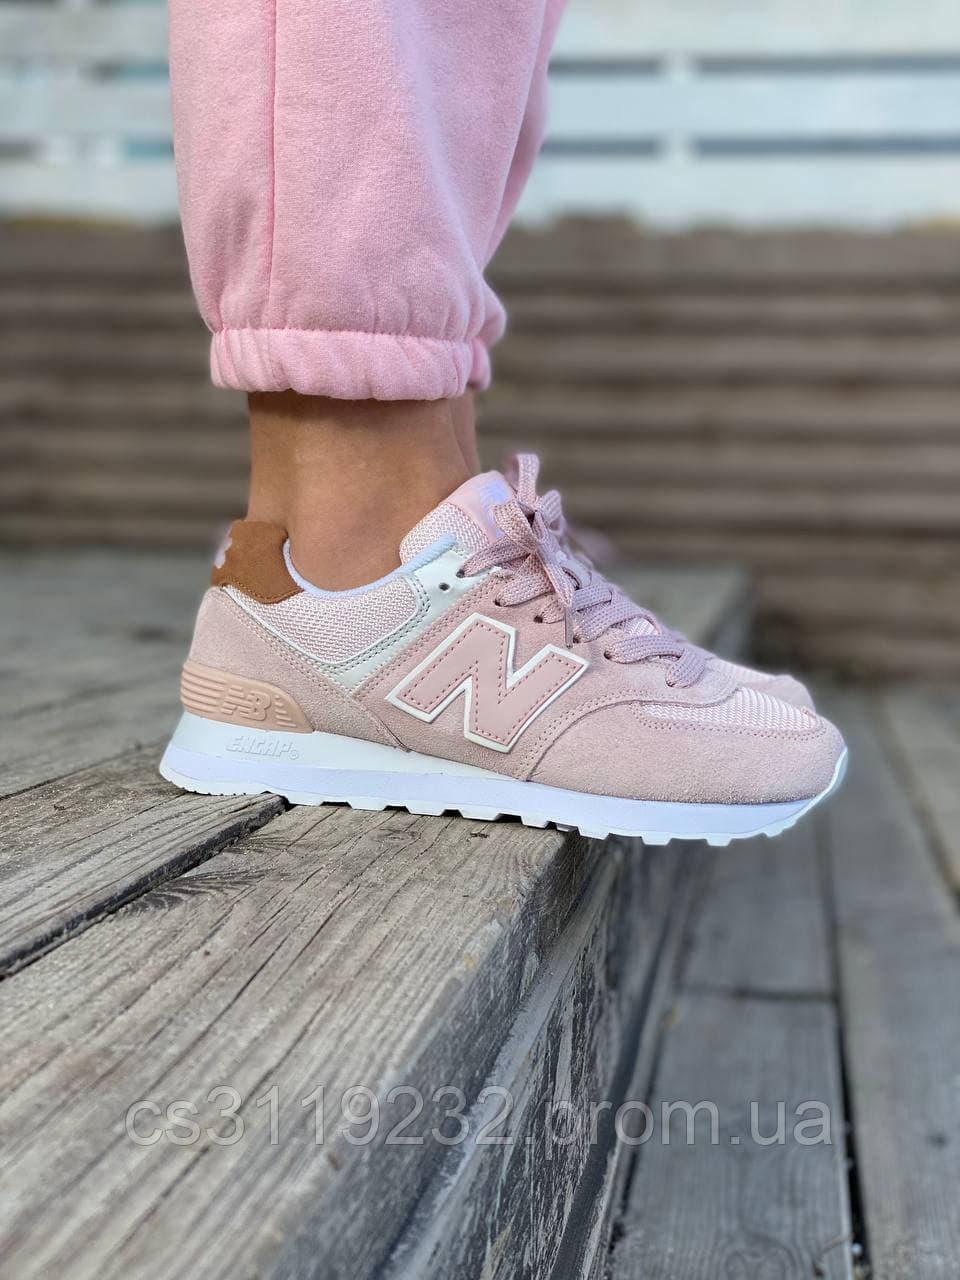 Женские кроссовки New Balance 574 Pink (розовые)